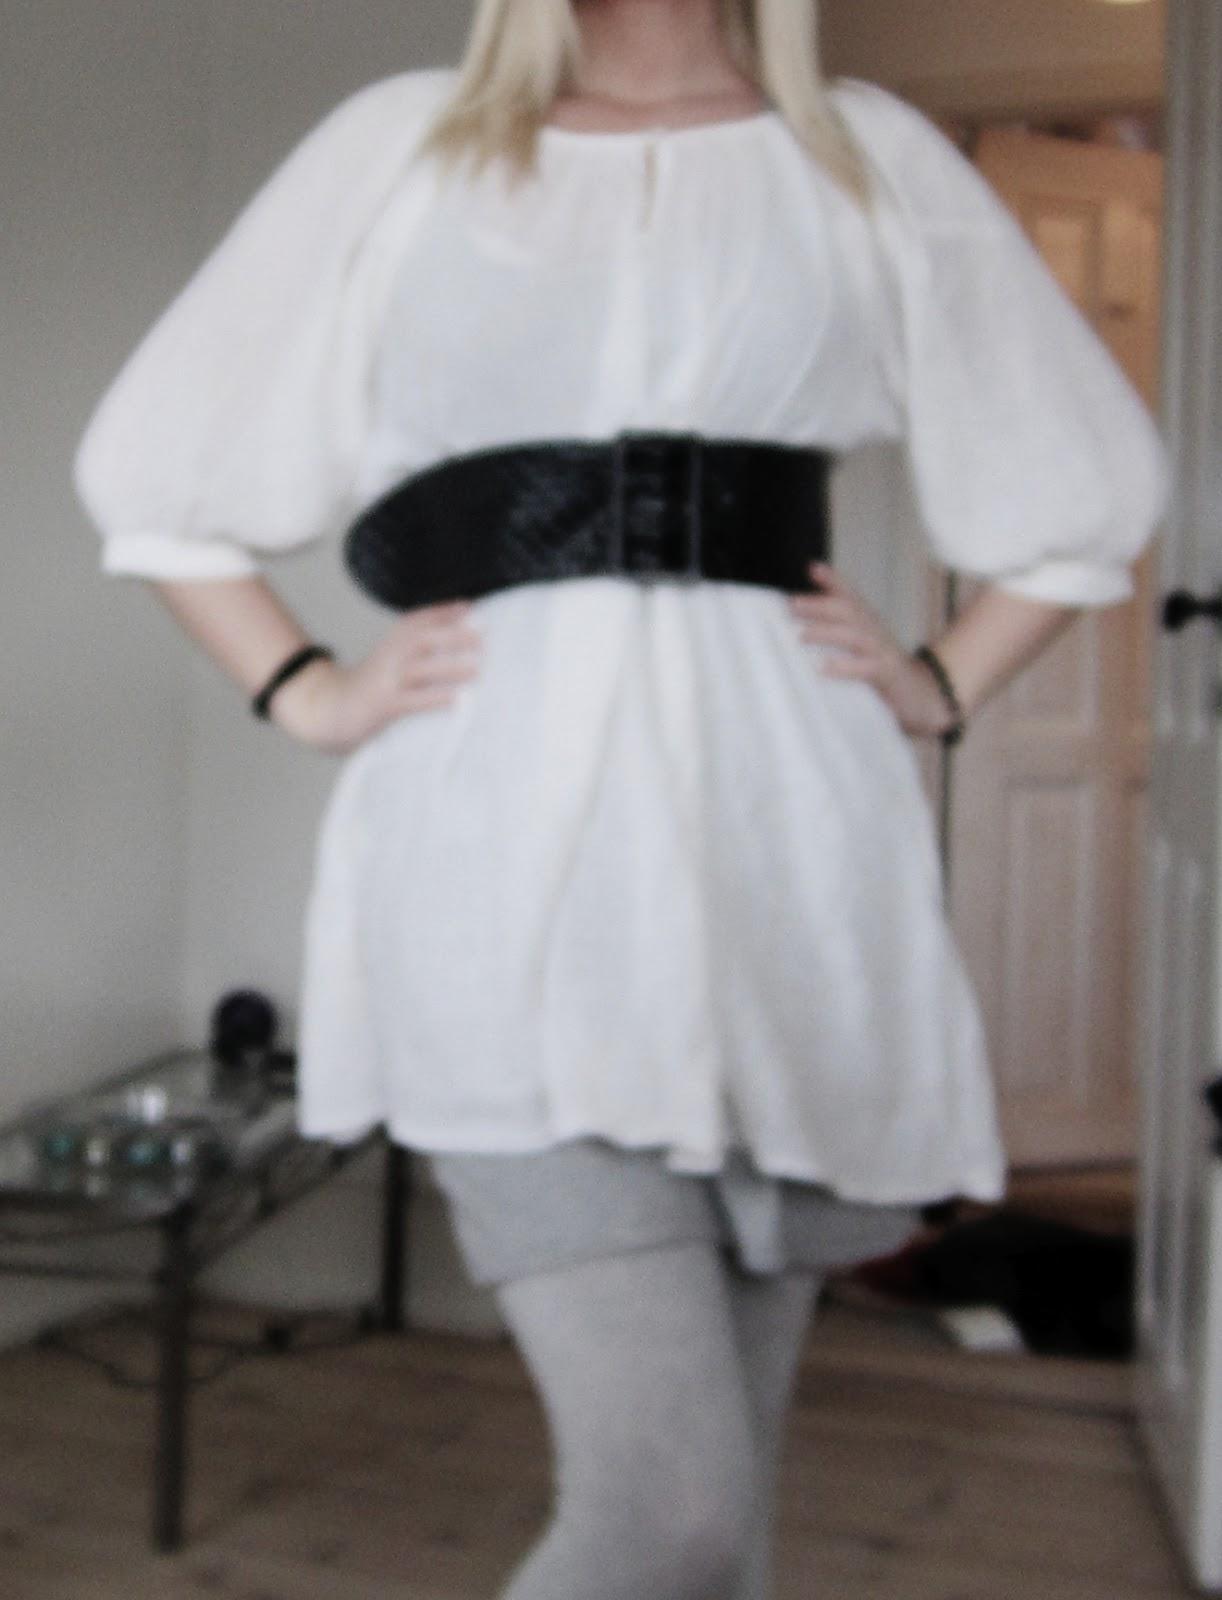 c70f305d974a Dette er dagens outfit. En almindelig hvid lang trøje